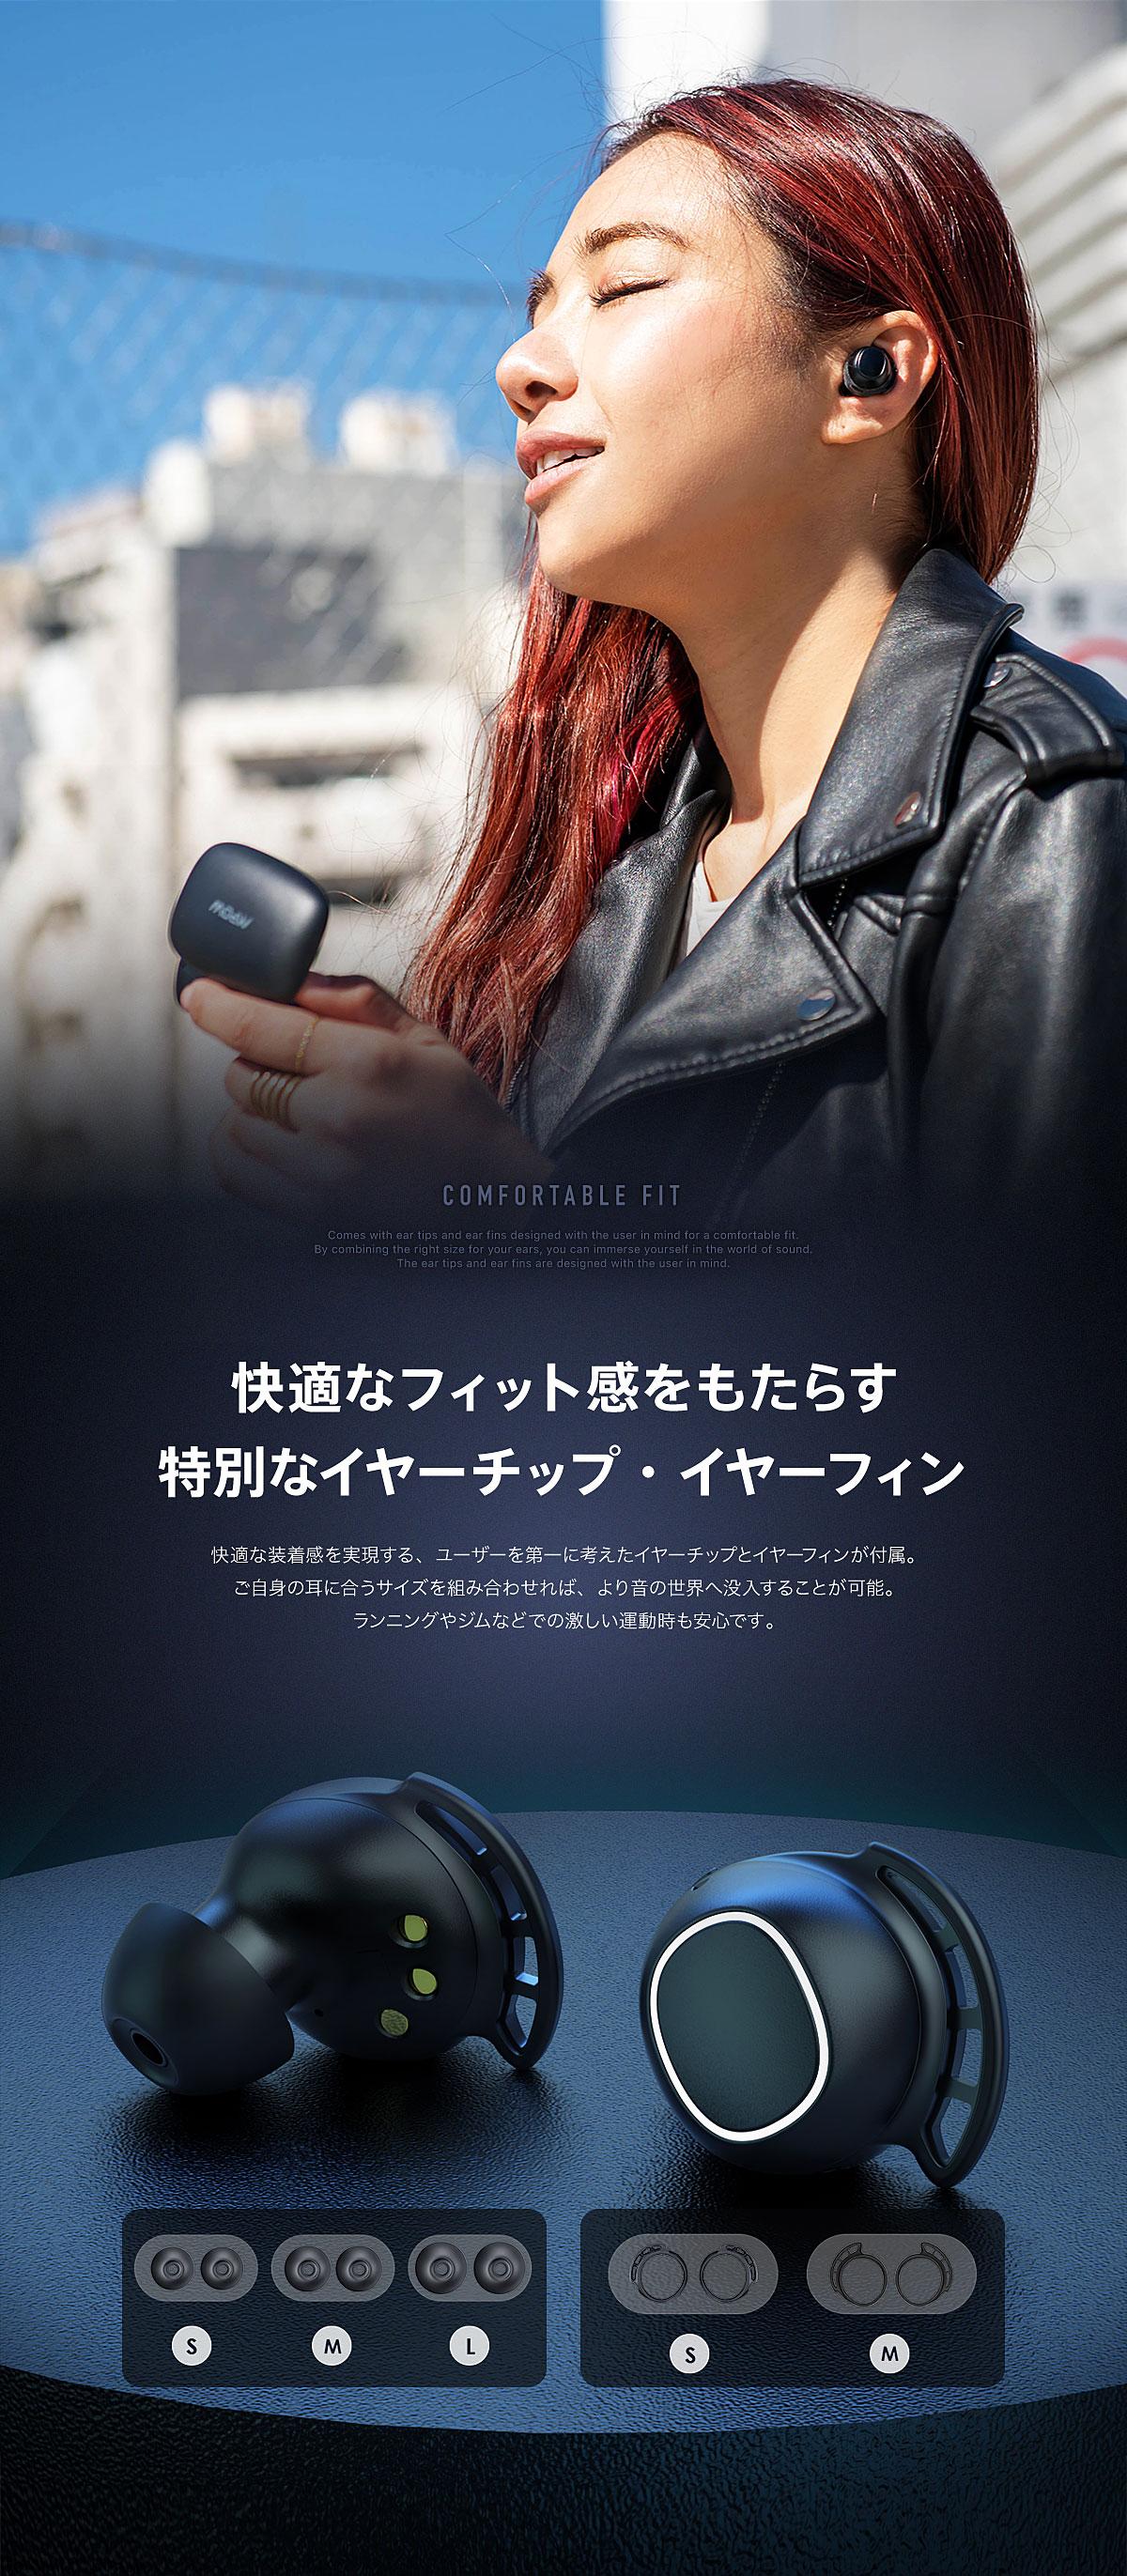 ワイヤレスイヤホン 高音質 防水 IPX7 イヤホン bluetooth ブルートゥース イヤホン bluetooth イヤホン イヤホン ワイヤレス bluetoothイヤホン イヤホン マイク付き ワイヤレスイヤホン iphone